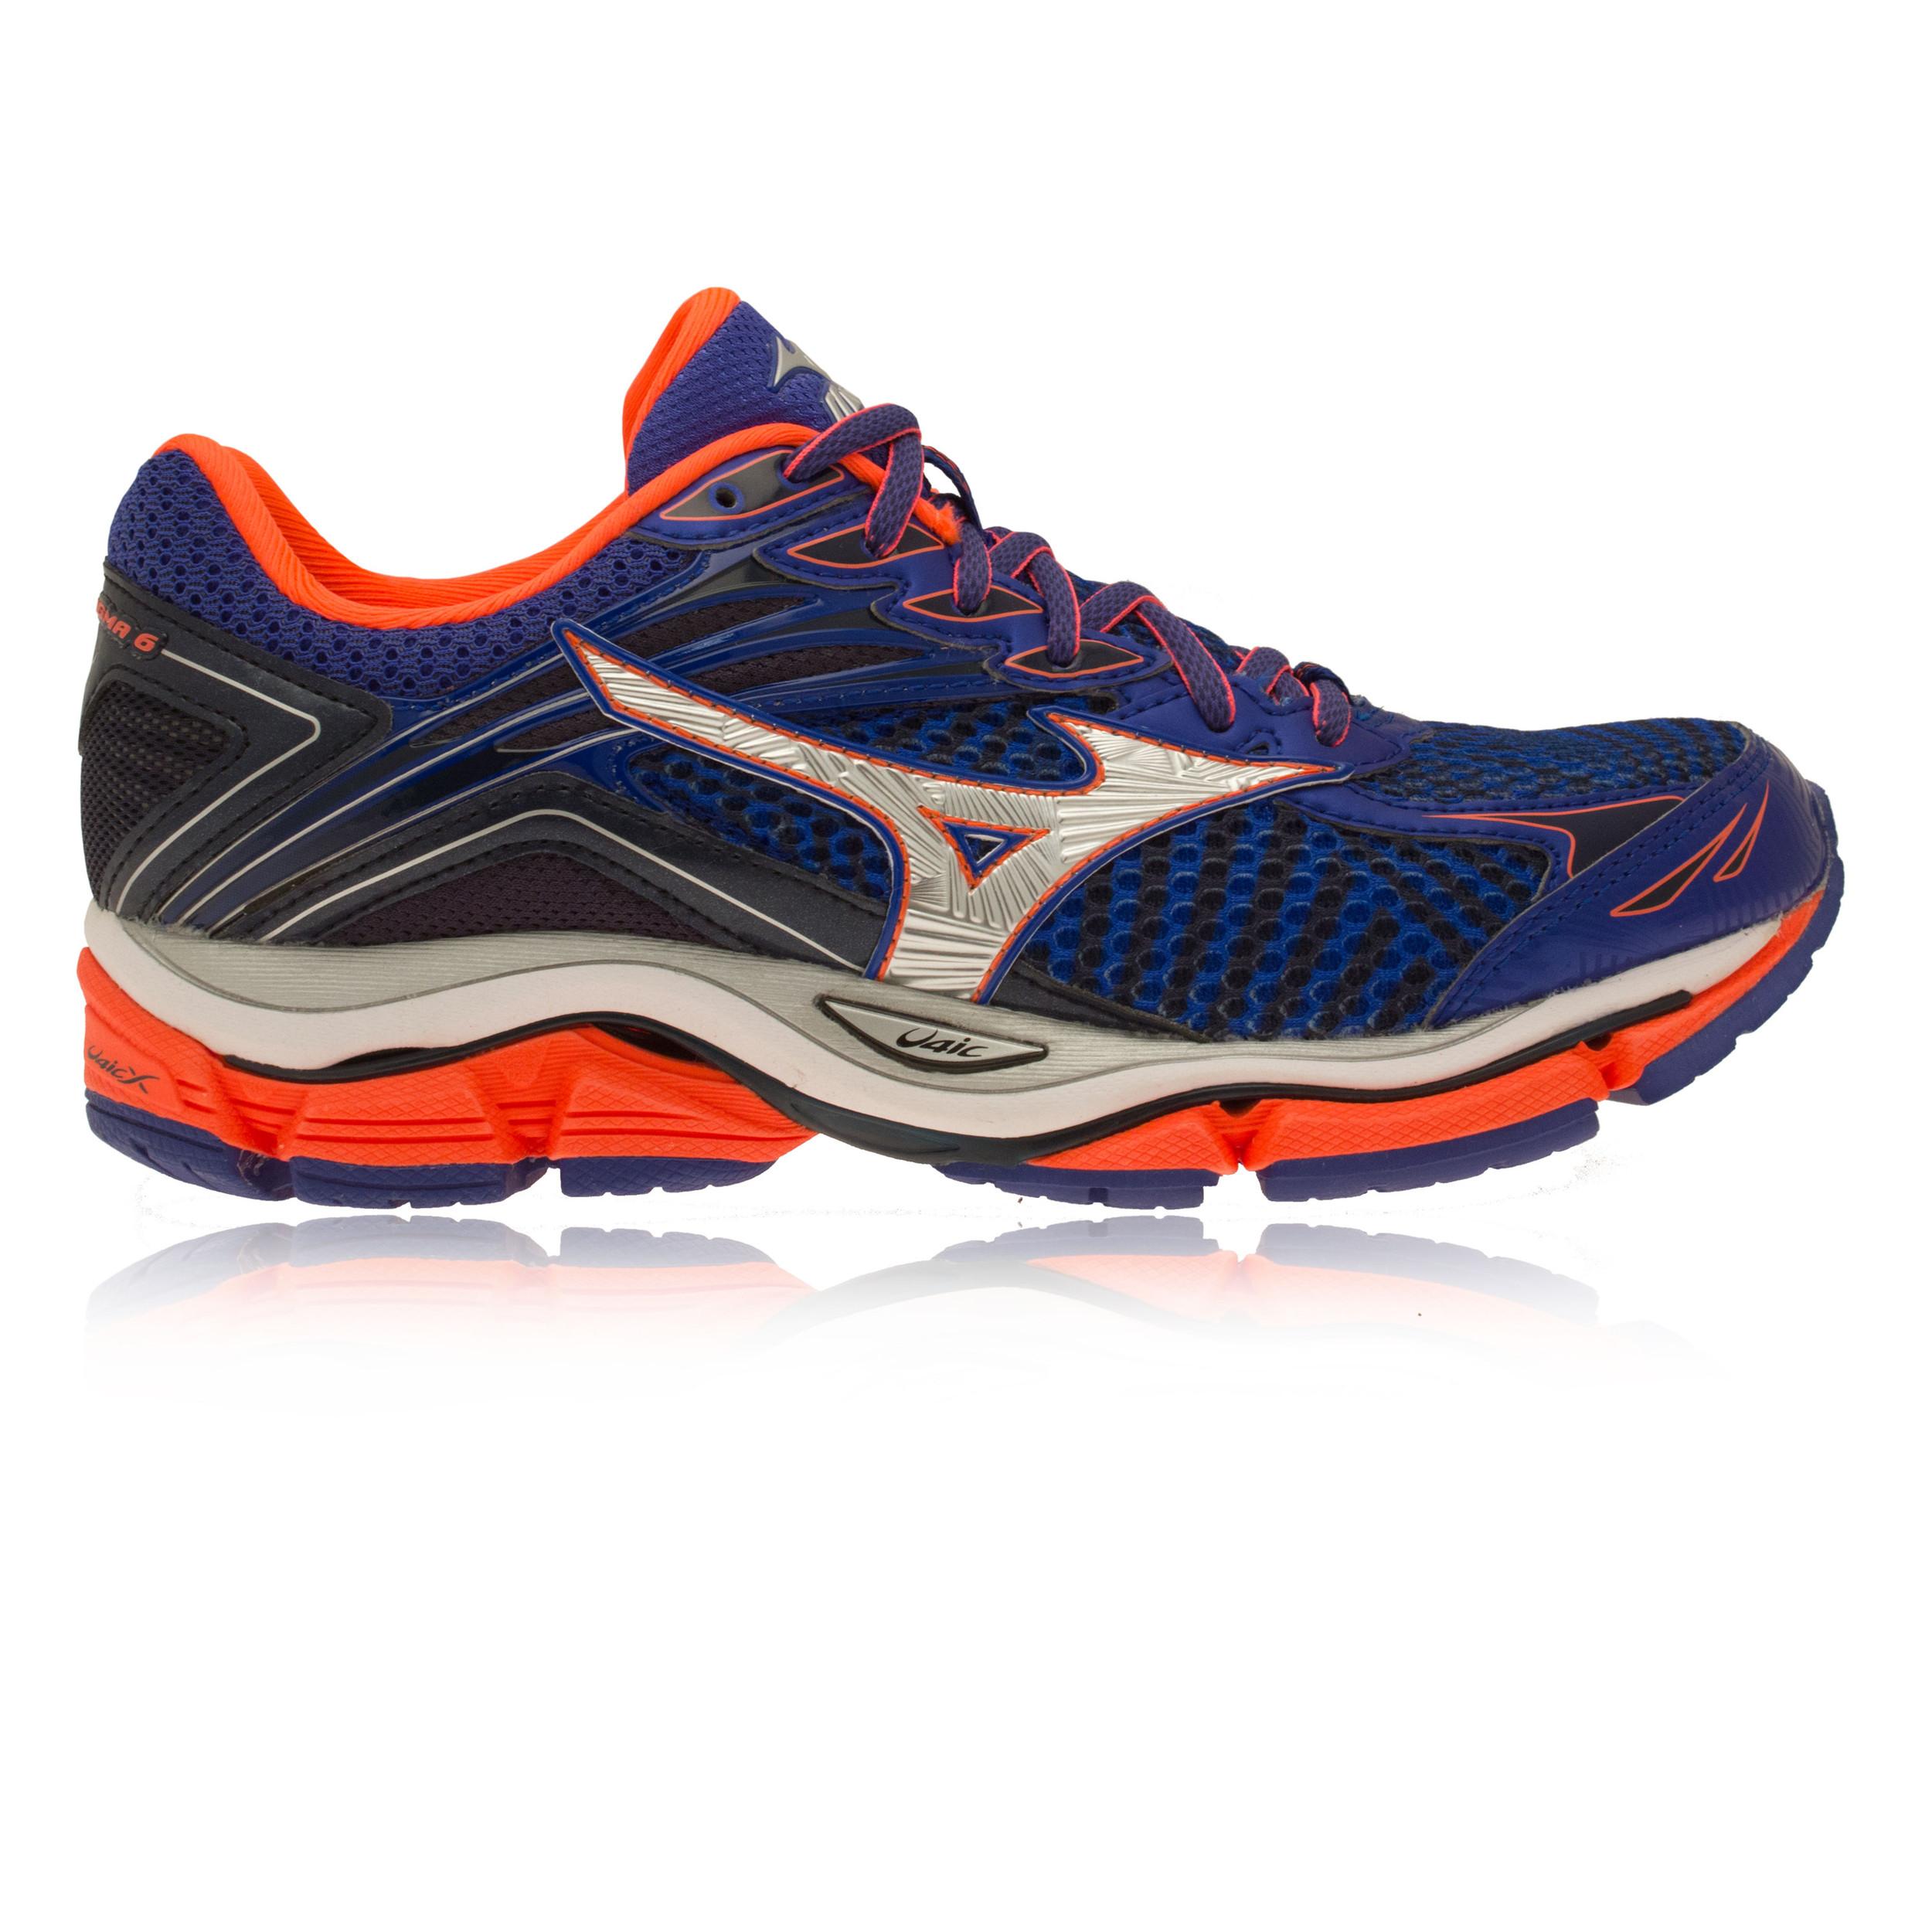 Zapatos Mujer Enigma Entrenar Wave 6 Mizuno Acolchado Running B40ntT